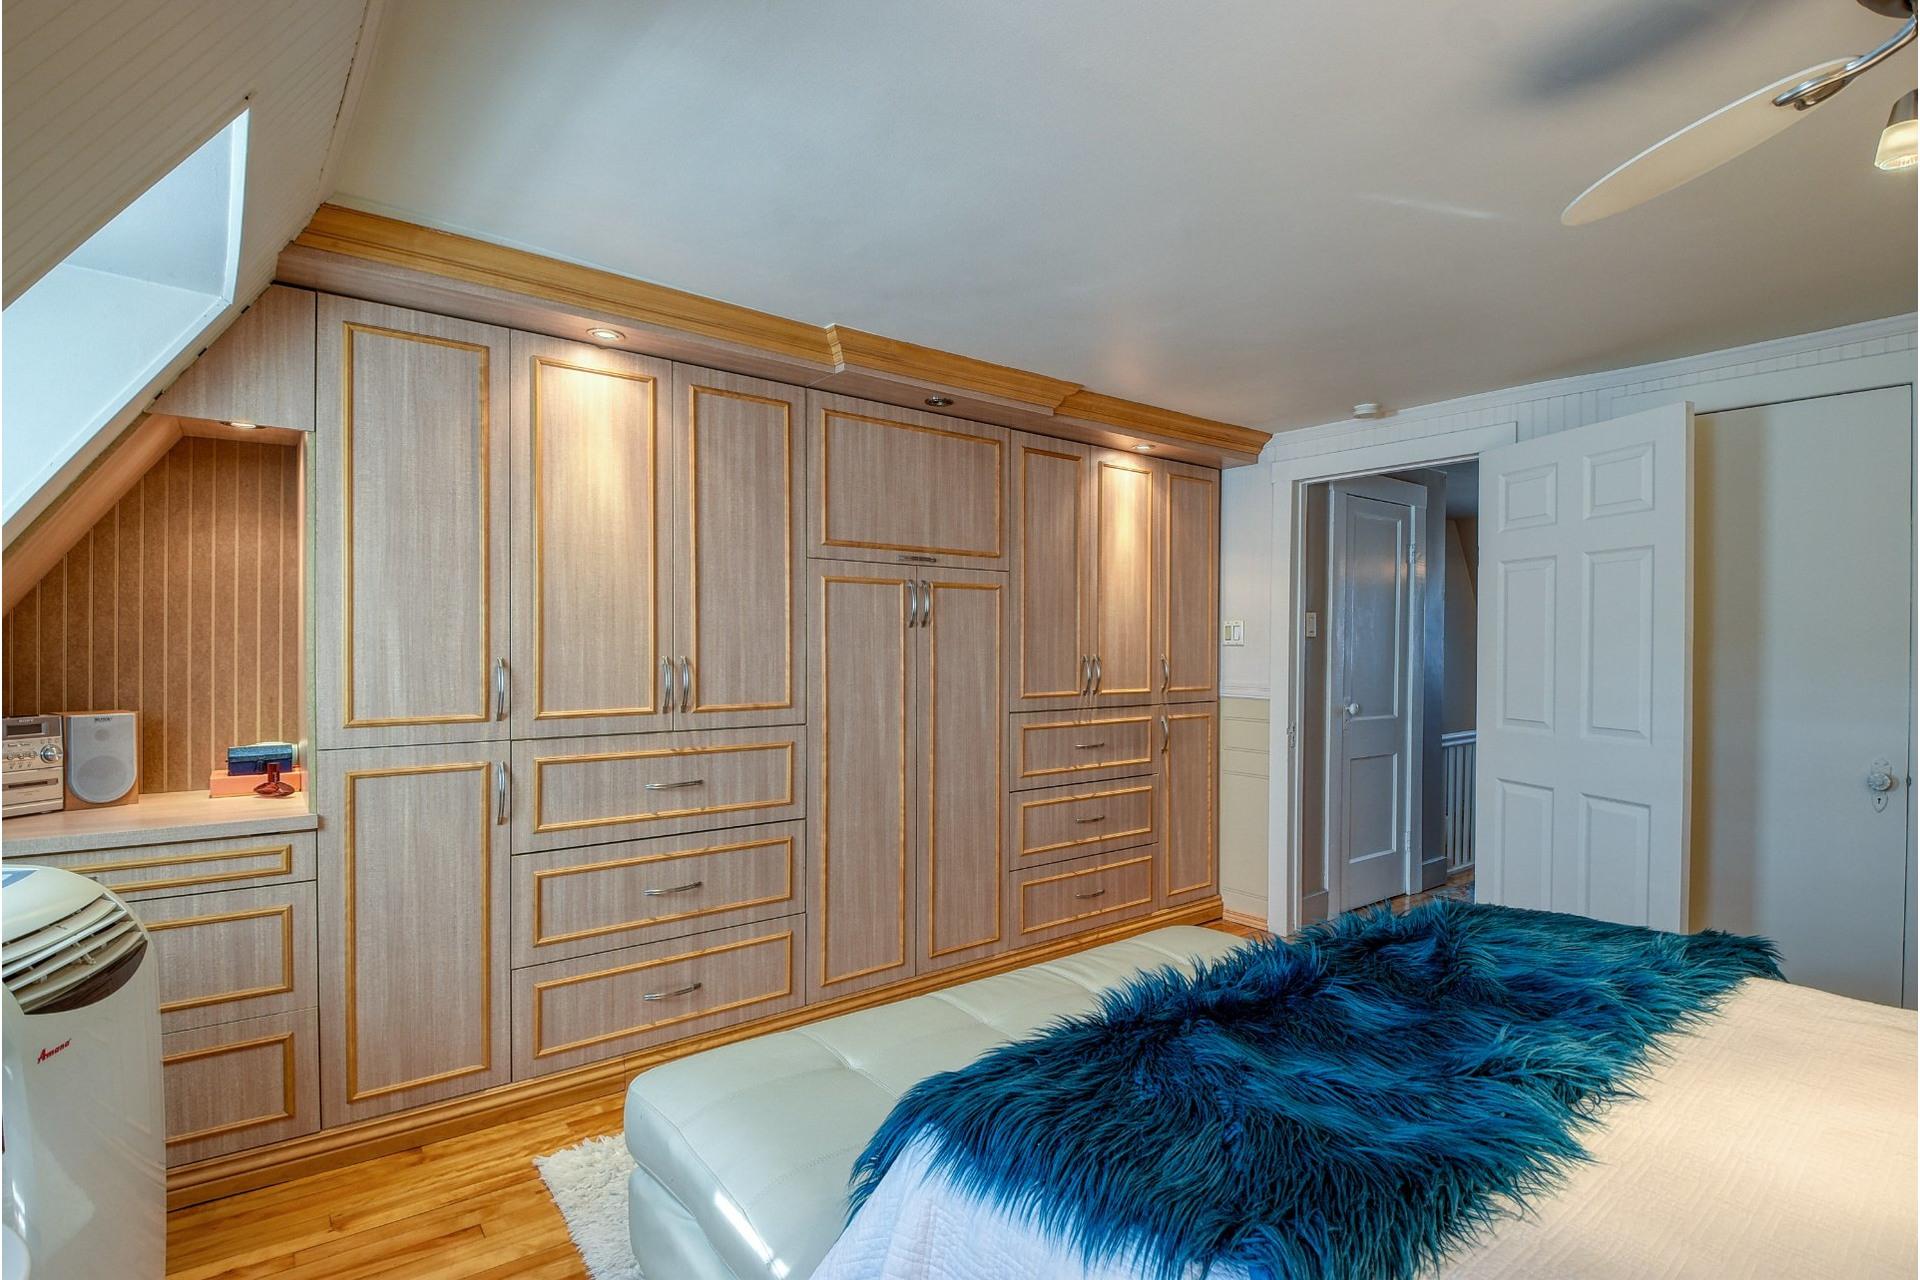 image 15 - Duplex À vendre Lachine Montréal  - 5 pièces